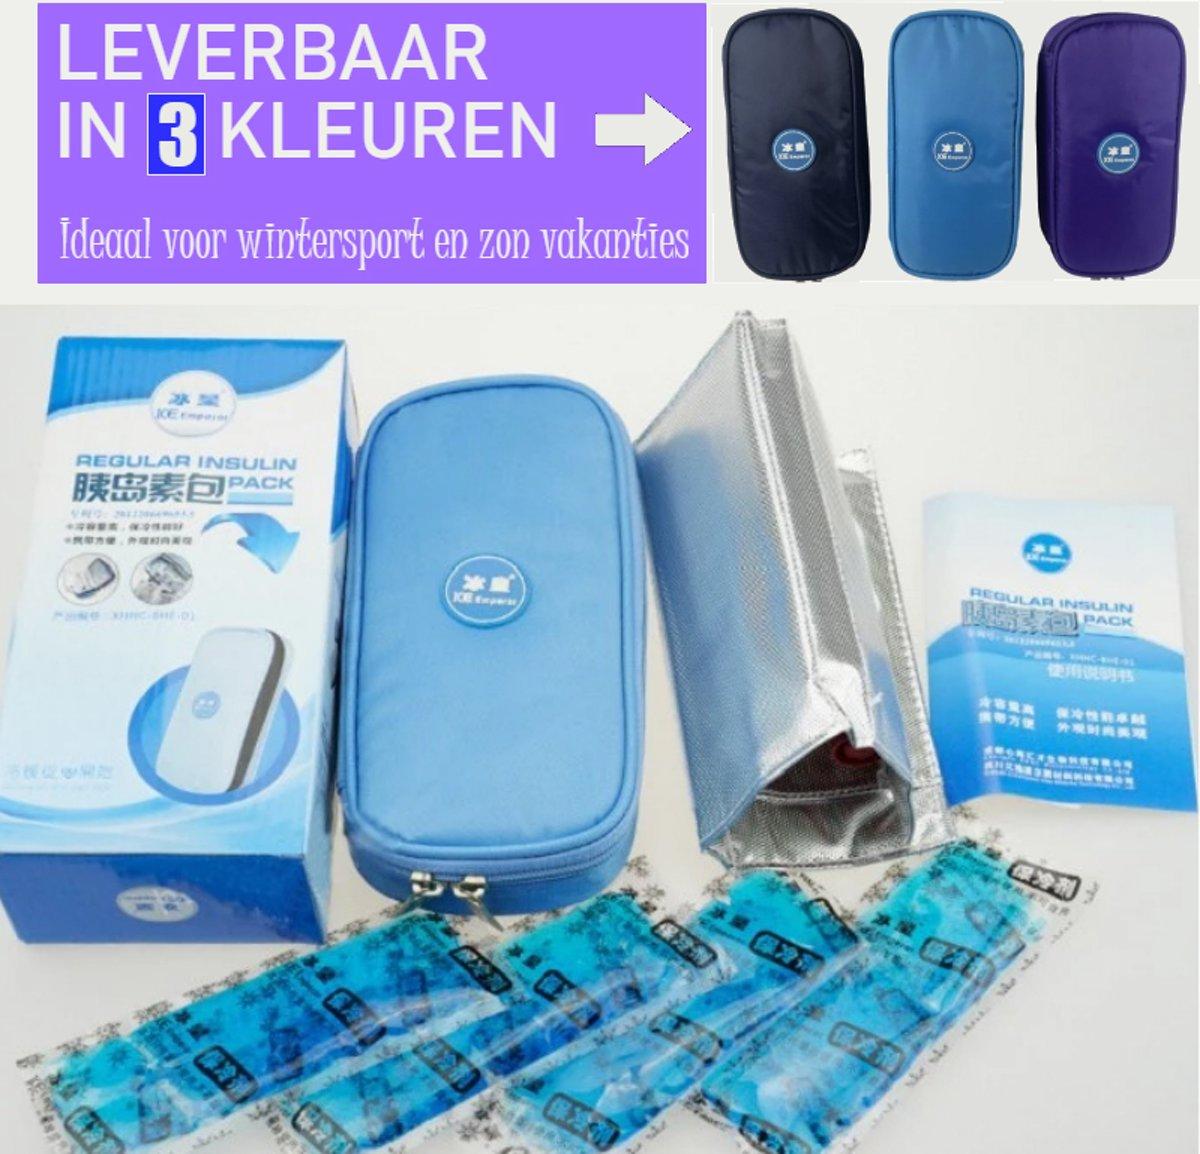 Koeltas DONKERBLAUW Opbergtas voor Insuline Spuiten / Prikpennen voor Diabetes | Ideaal voor vakantie en op reis | Gekoelde opslag bij suikerziekte | Compacte opslag voor Diabetis benodigdheden | Isoleert prima | Met Therm